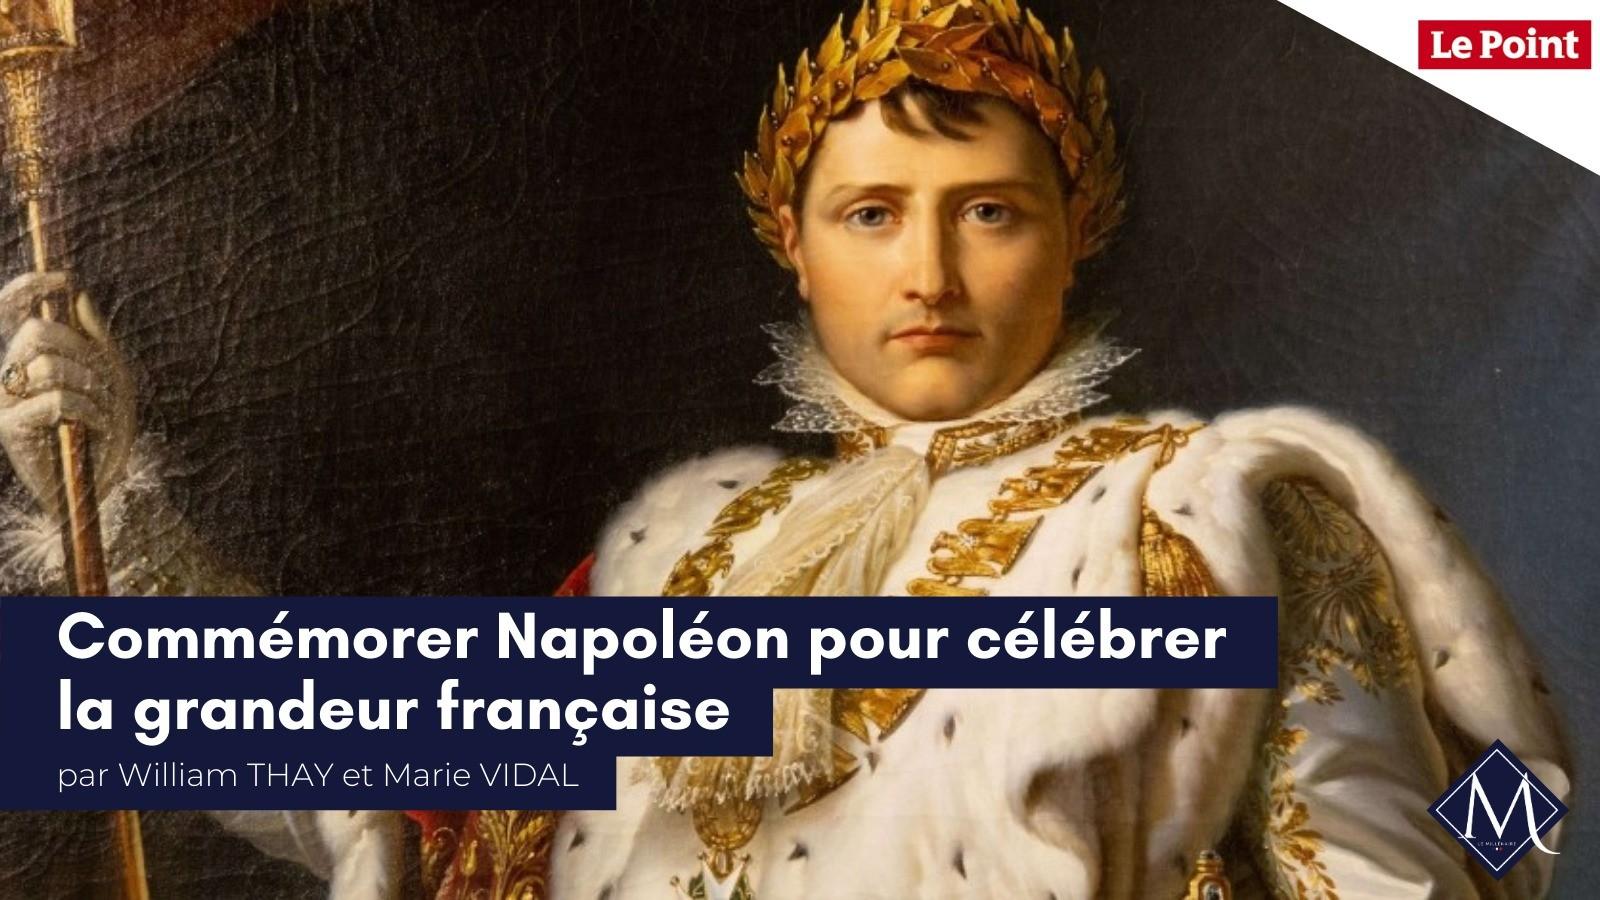 Retrouvez la tribune de William Thay et Marie Vidal dans Le Point : «Commémorer Napoléon pour célébrer la grandeur française»